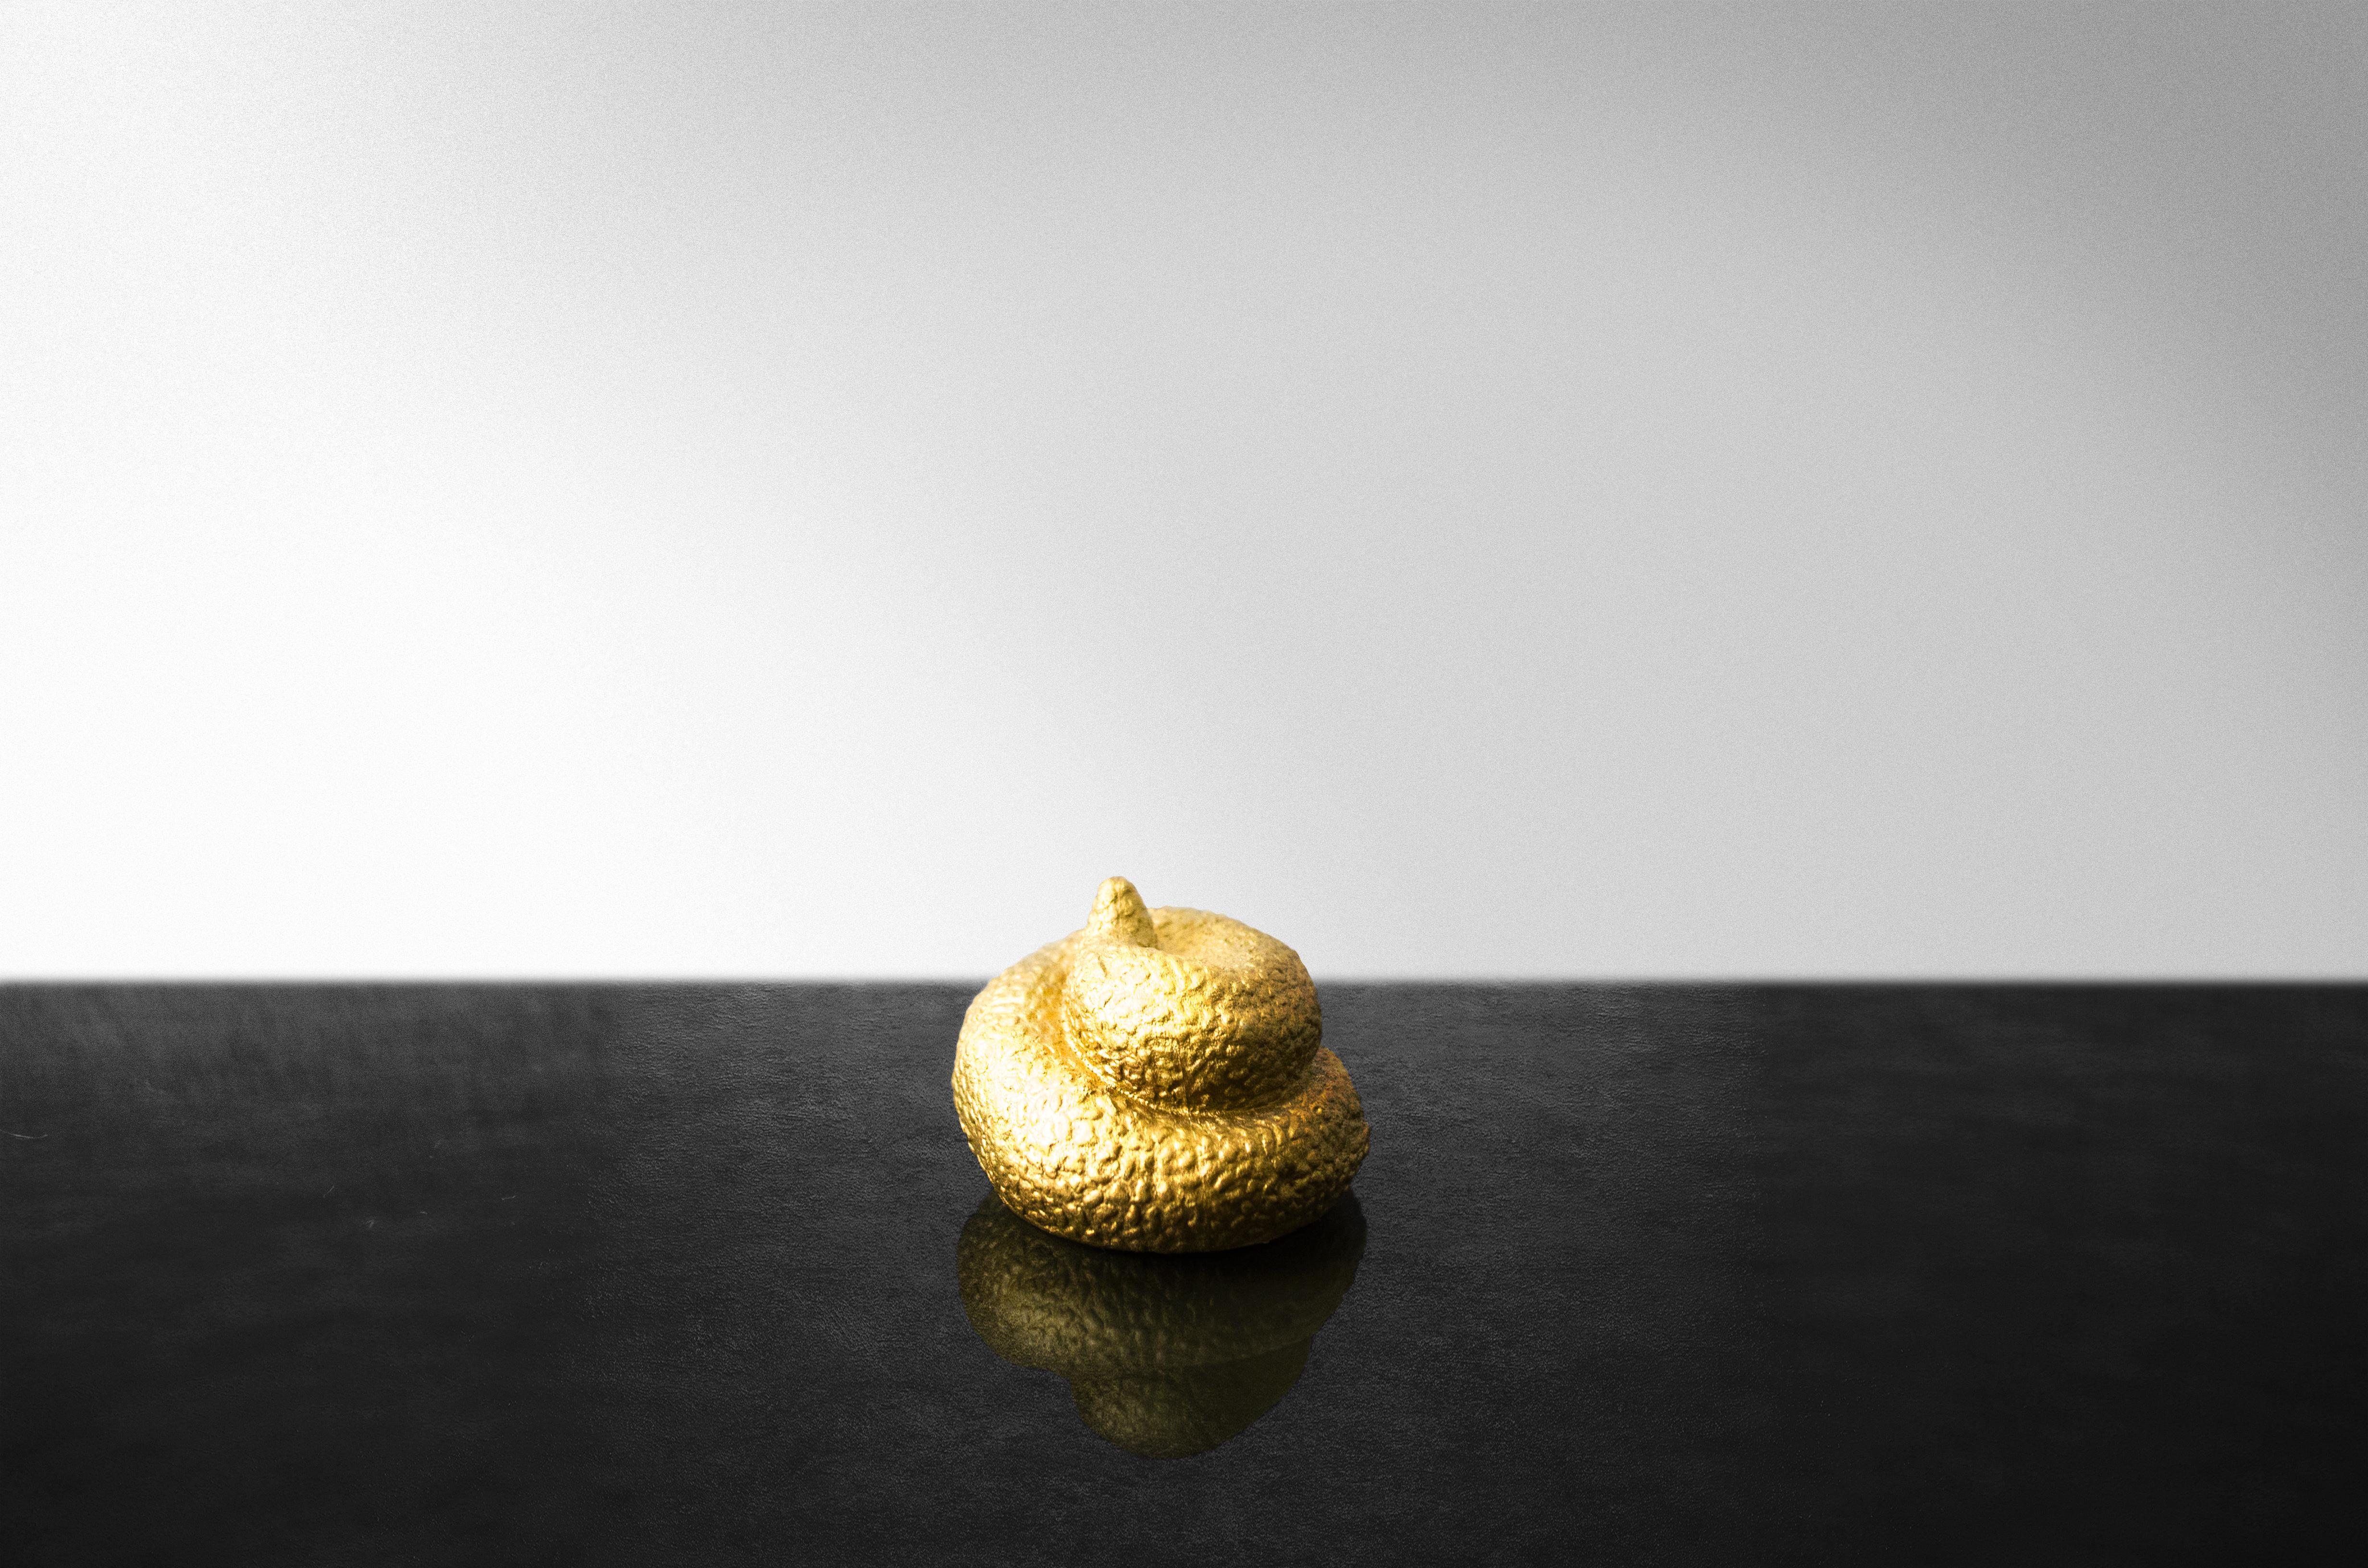 goldene scheisse